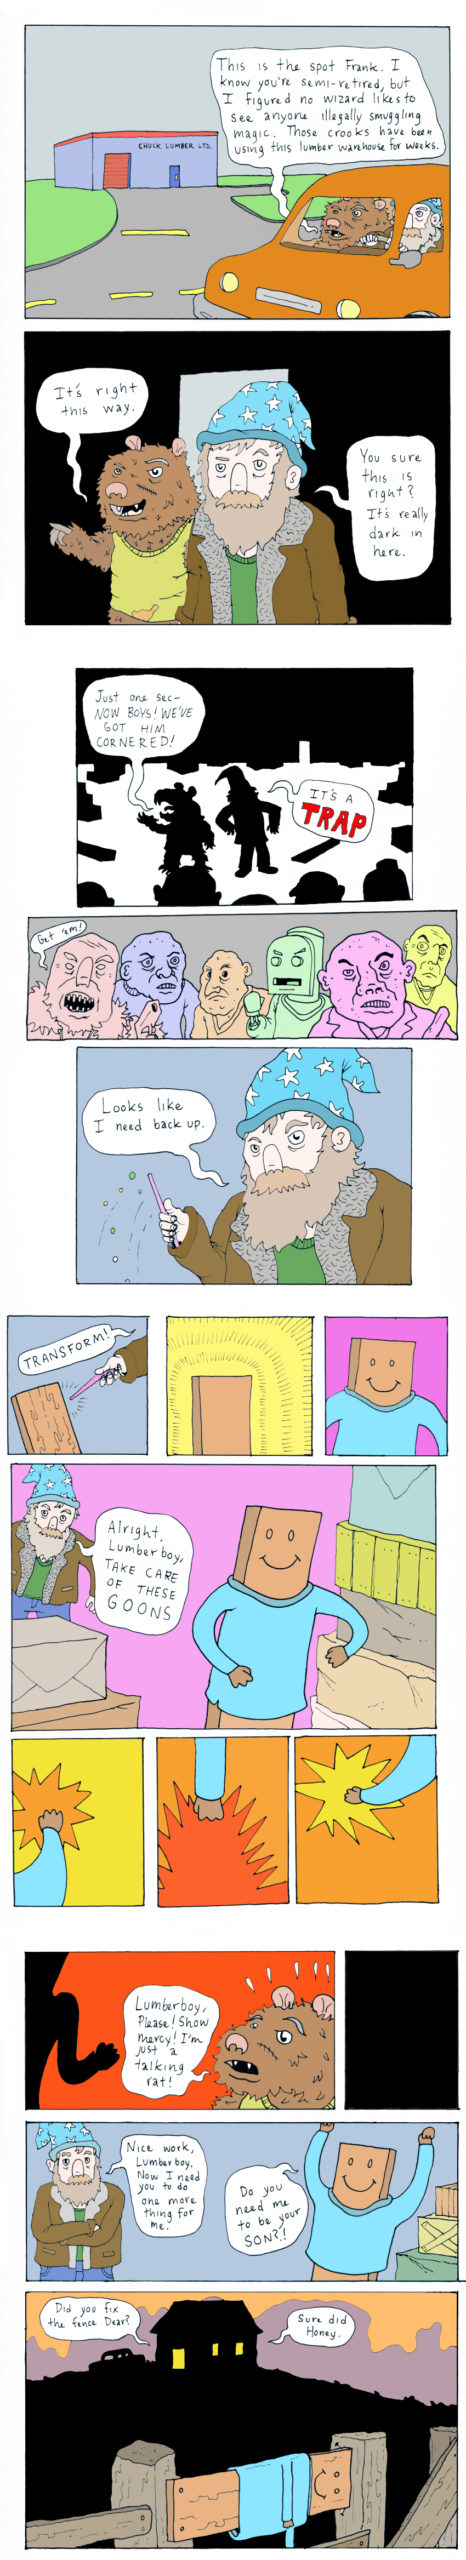 Lumberboy